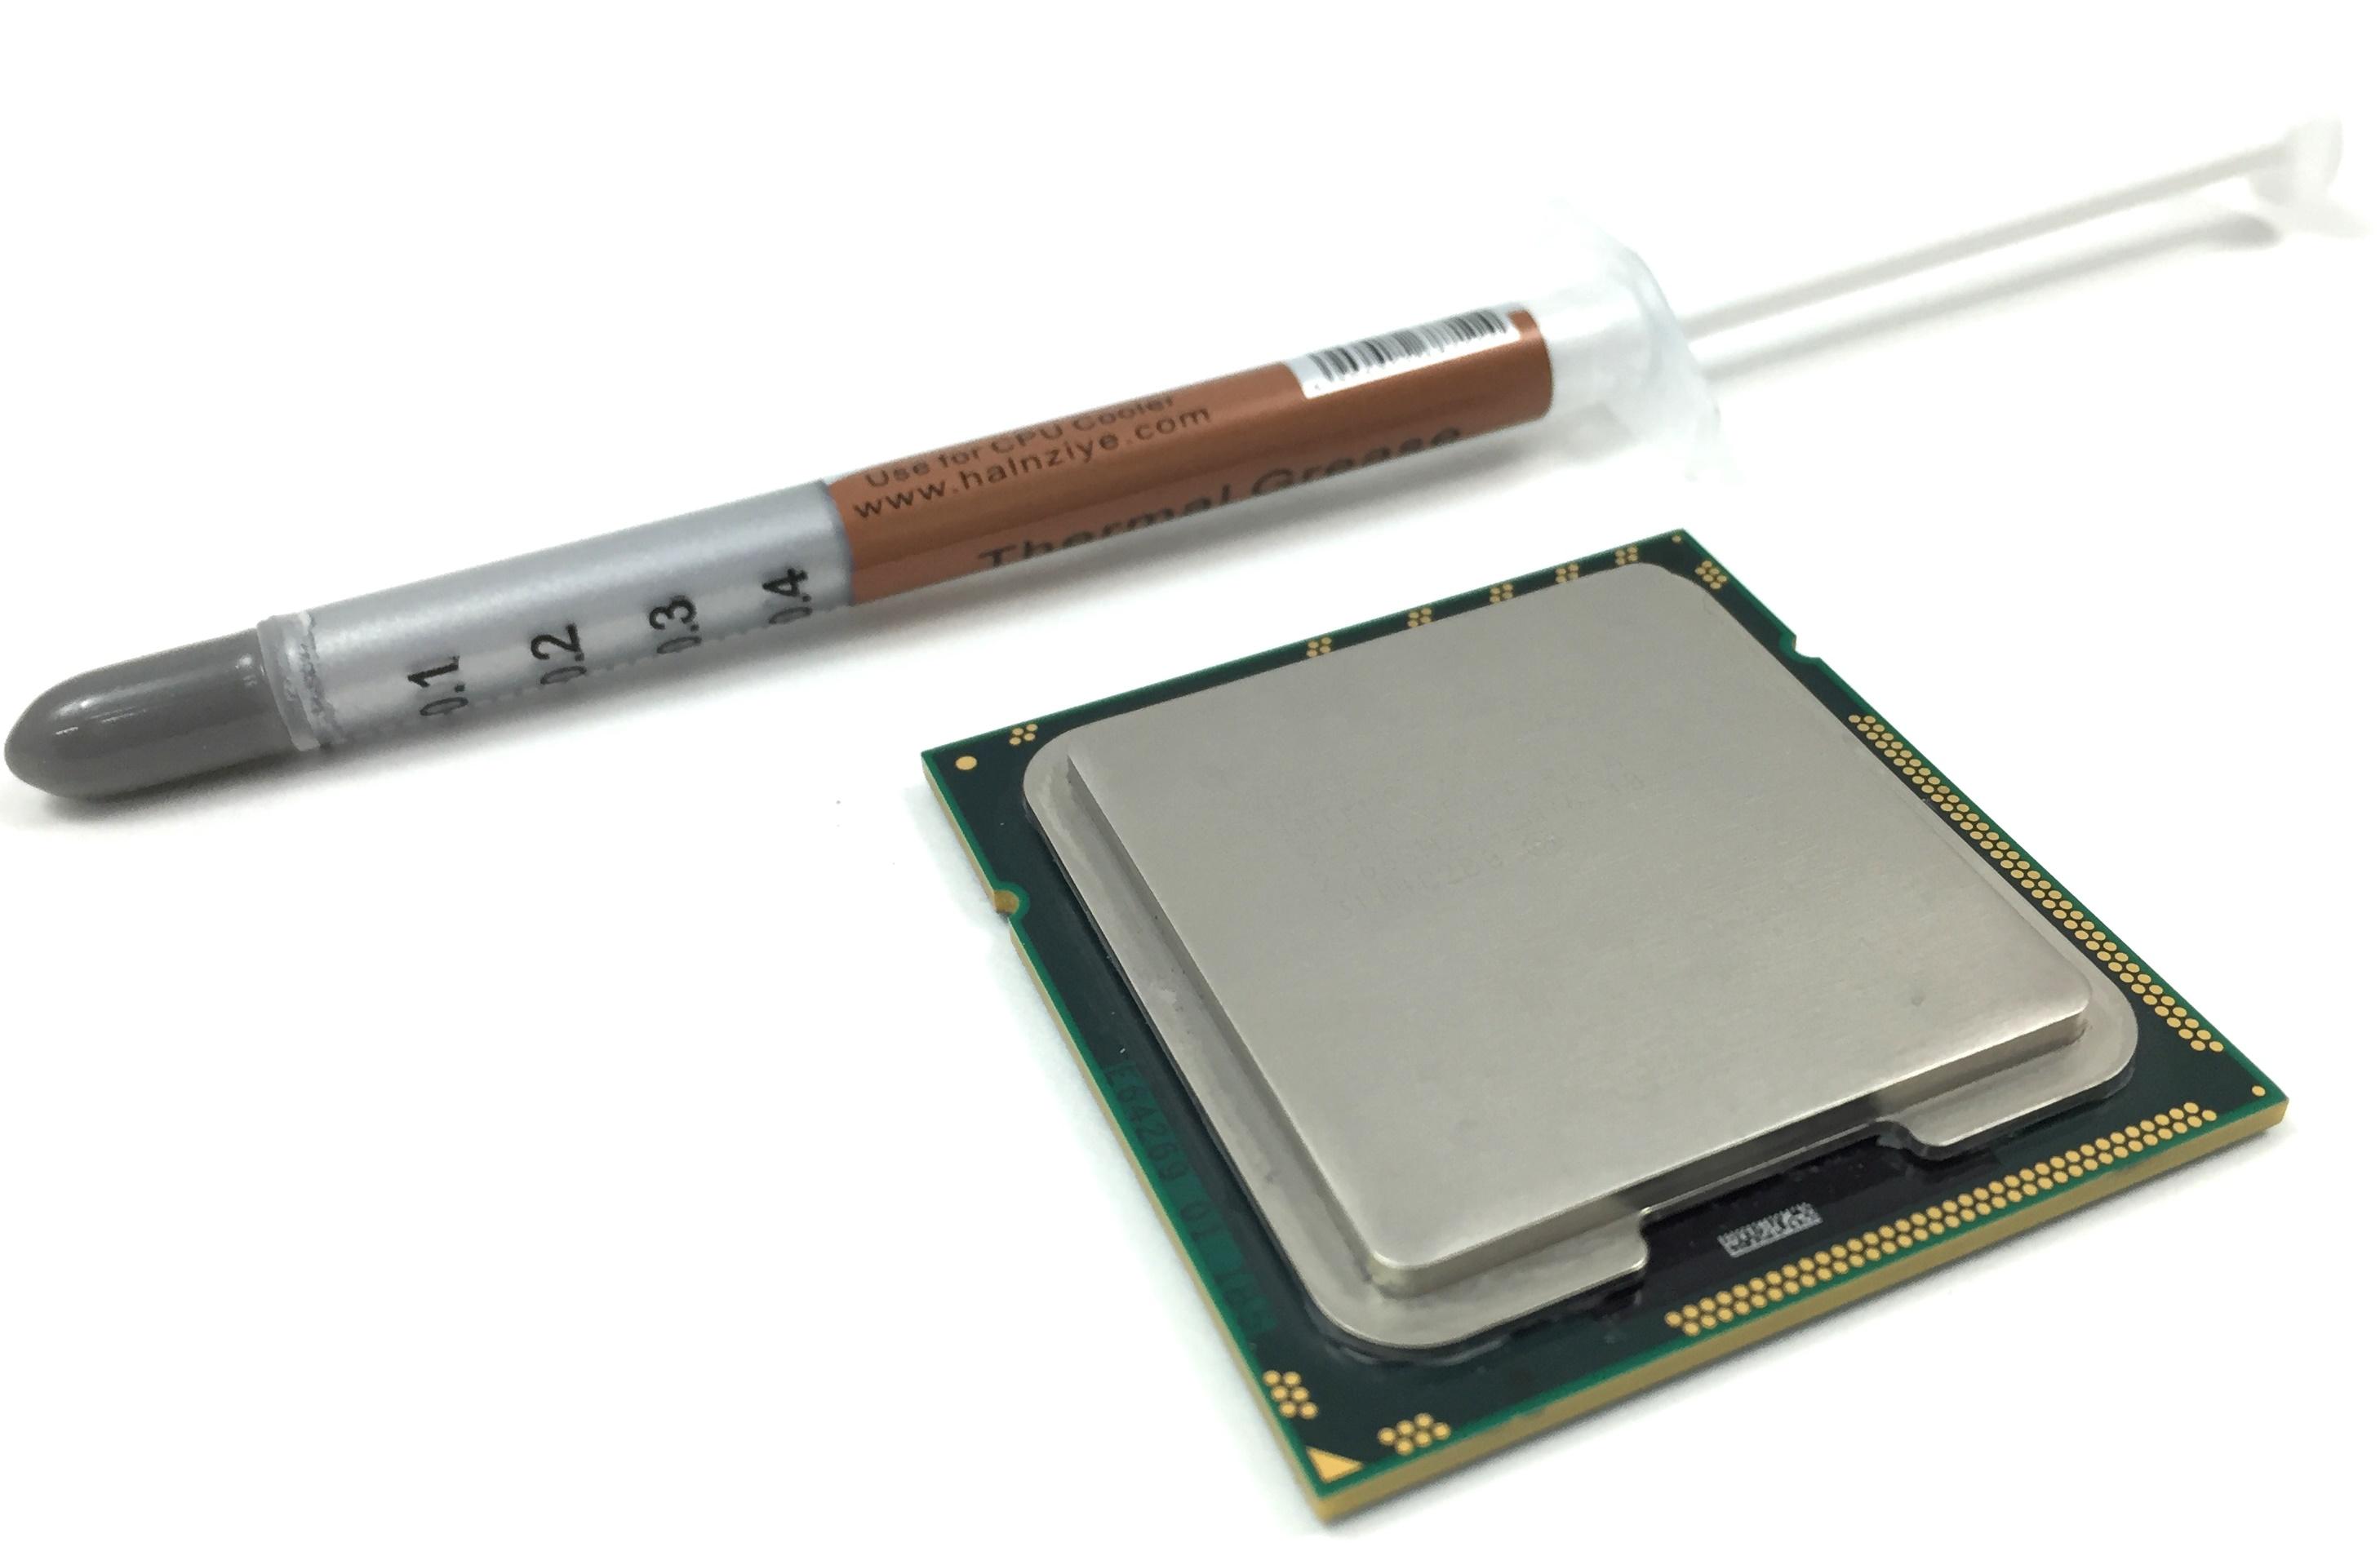 Intel Xeon 5160 3.0GHz 4MB LGA 771 1333MHz Processor (SL9RT)